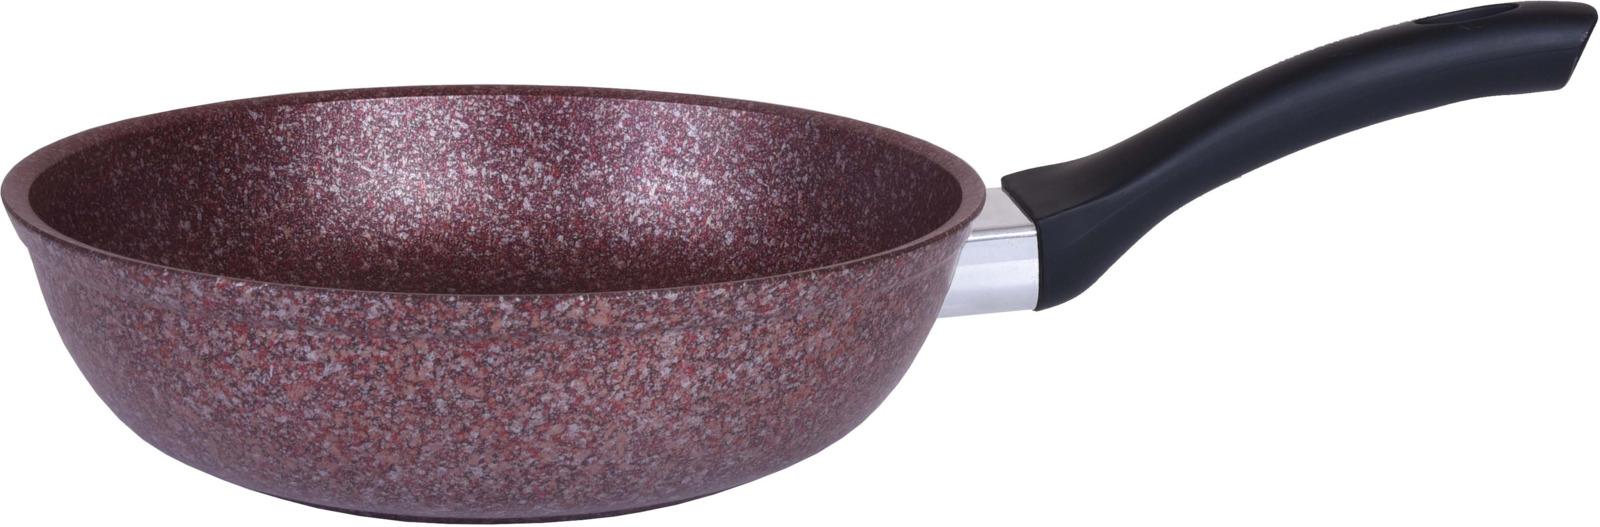 Сковорода Kukmara Granit ultra, с мраморным антипригарным покрытием, цвет: коричнево-красный. Диаметр 26 см сковорода kukmara granit ultra с мраморным антипригарным покрытием со съемной ручкой цвет темно серый диаметр 24 см